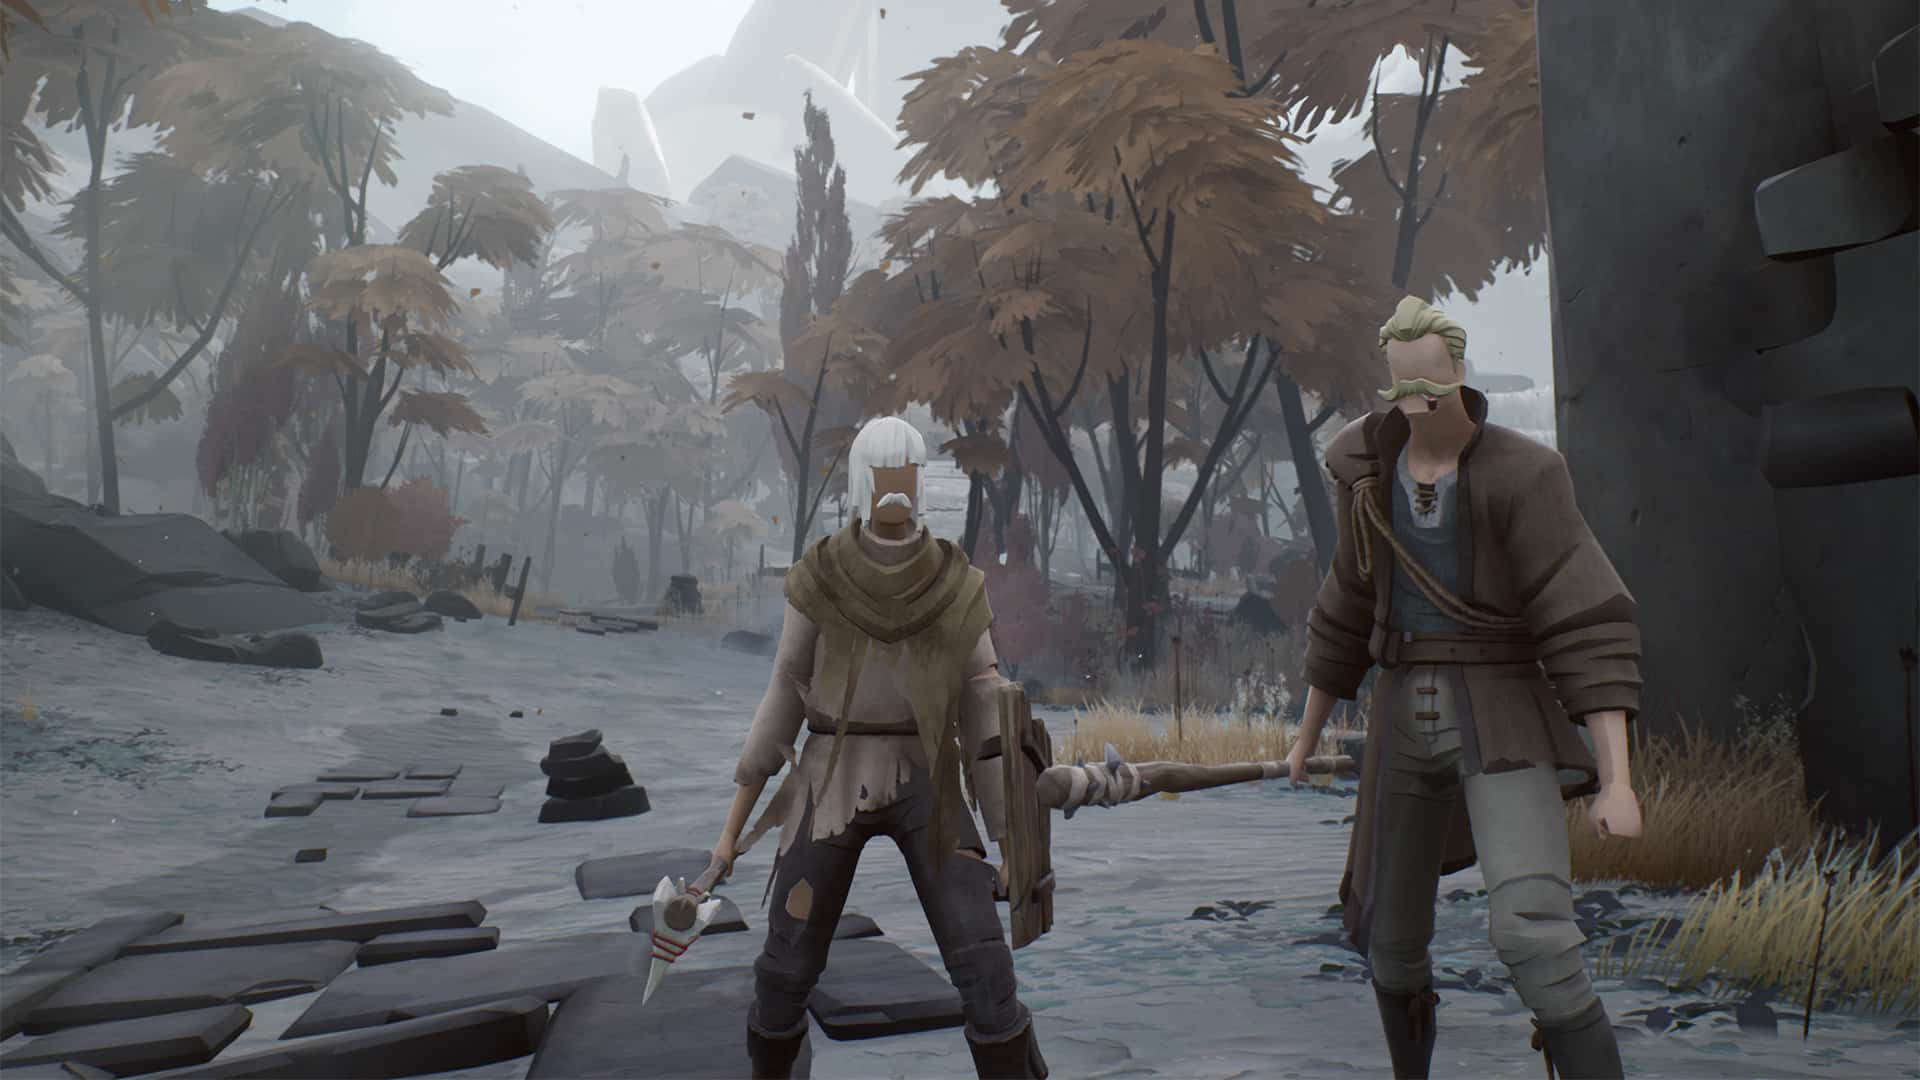 Ashen: Der exklusive Epic Store erscheint später in diesem Jahr auf PS4 und Steam! 1